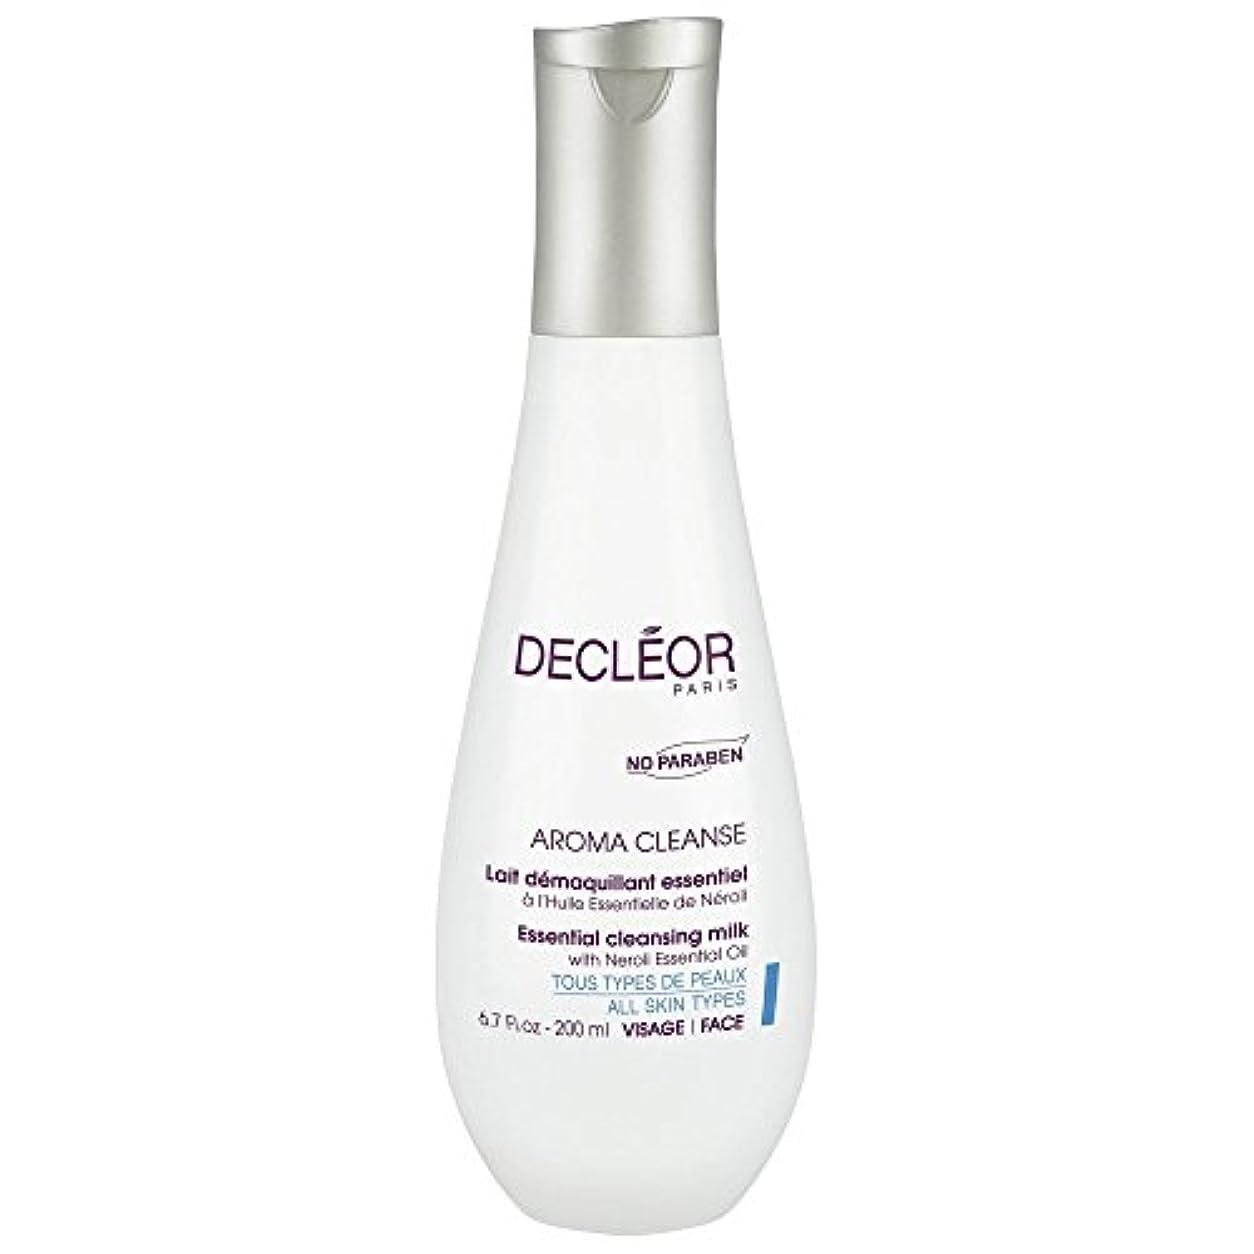 地域の情熱的良い[Decl?or] ネロリエッセンシャルオイル、200ミリリットルとデクレオール不可欠なクレンジングミルク - Decl?or Essential Cleansing Milk With Neroli Essential...